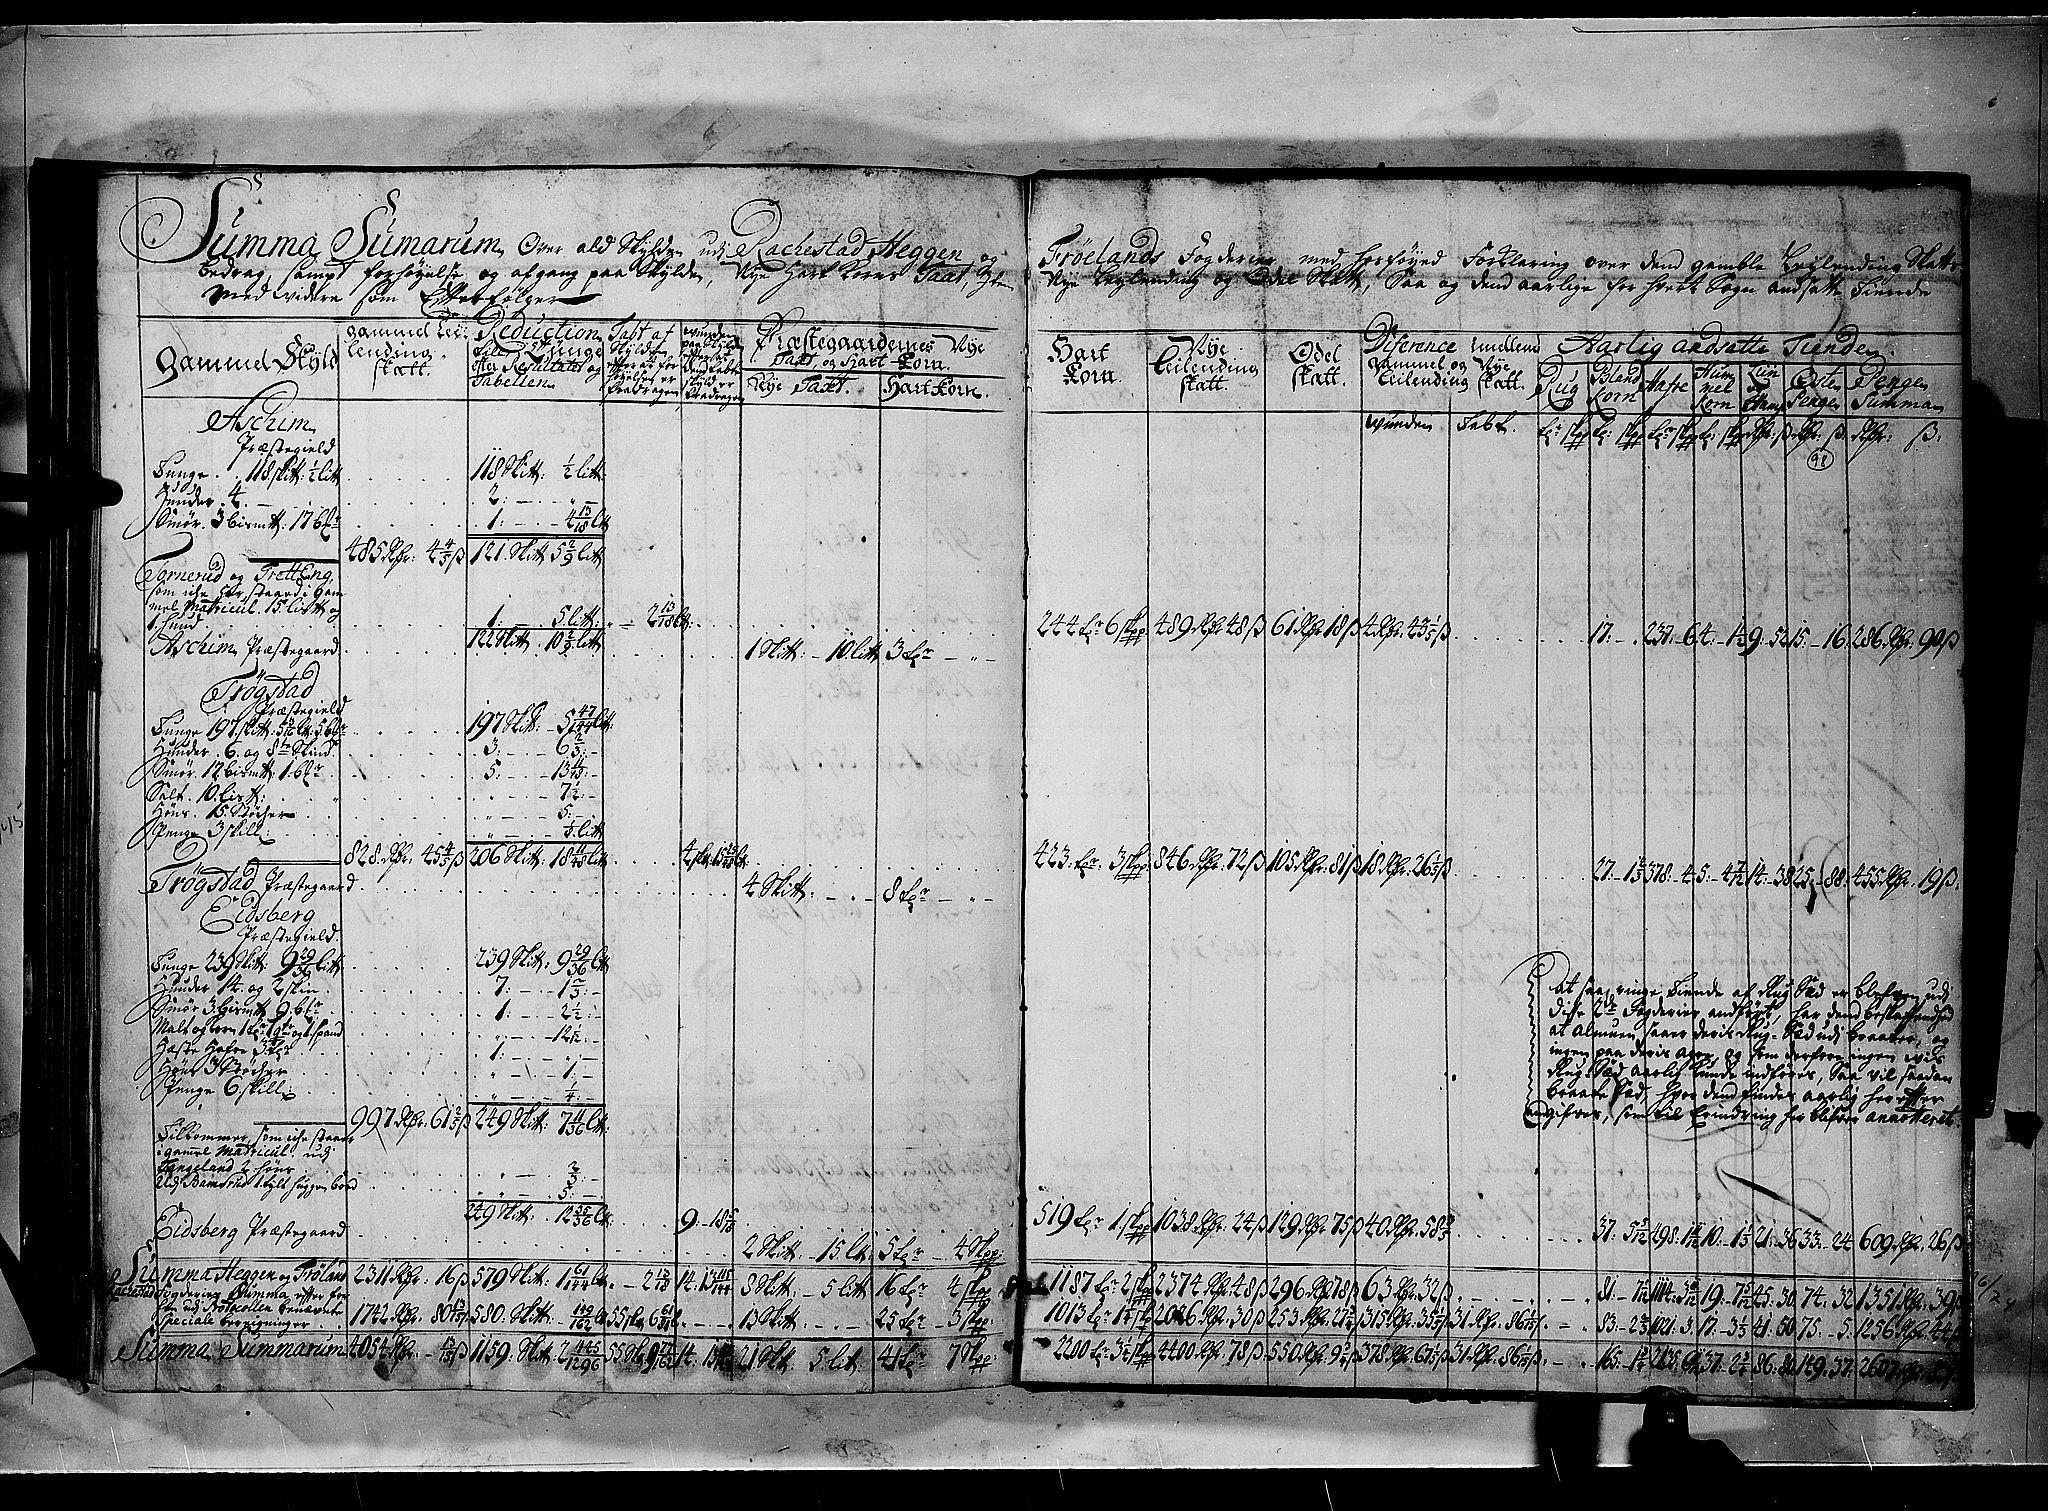 RA, Rentekammeret inntil 1814, Realistisk ordnet avdeling, N/Nb/Nbf/L0100: Rakkestad, Heggen og Frøland matrikkelprotokoll, 1723, s. 97b-98a